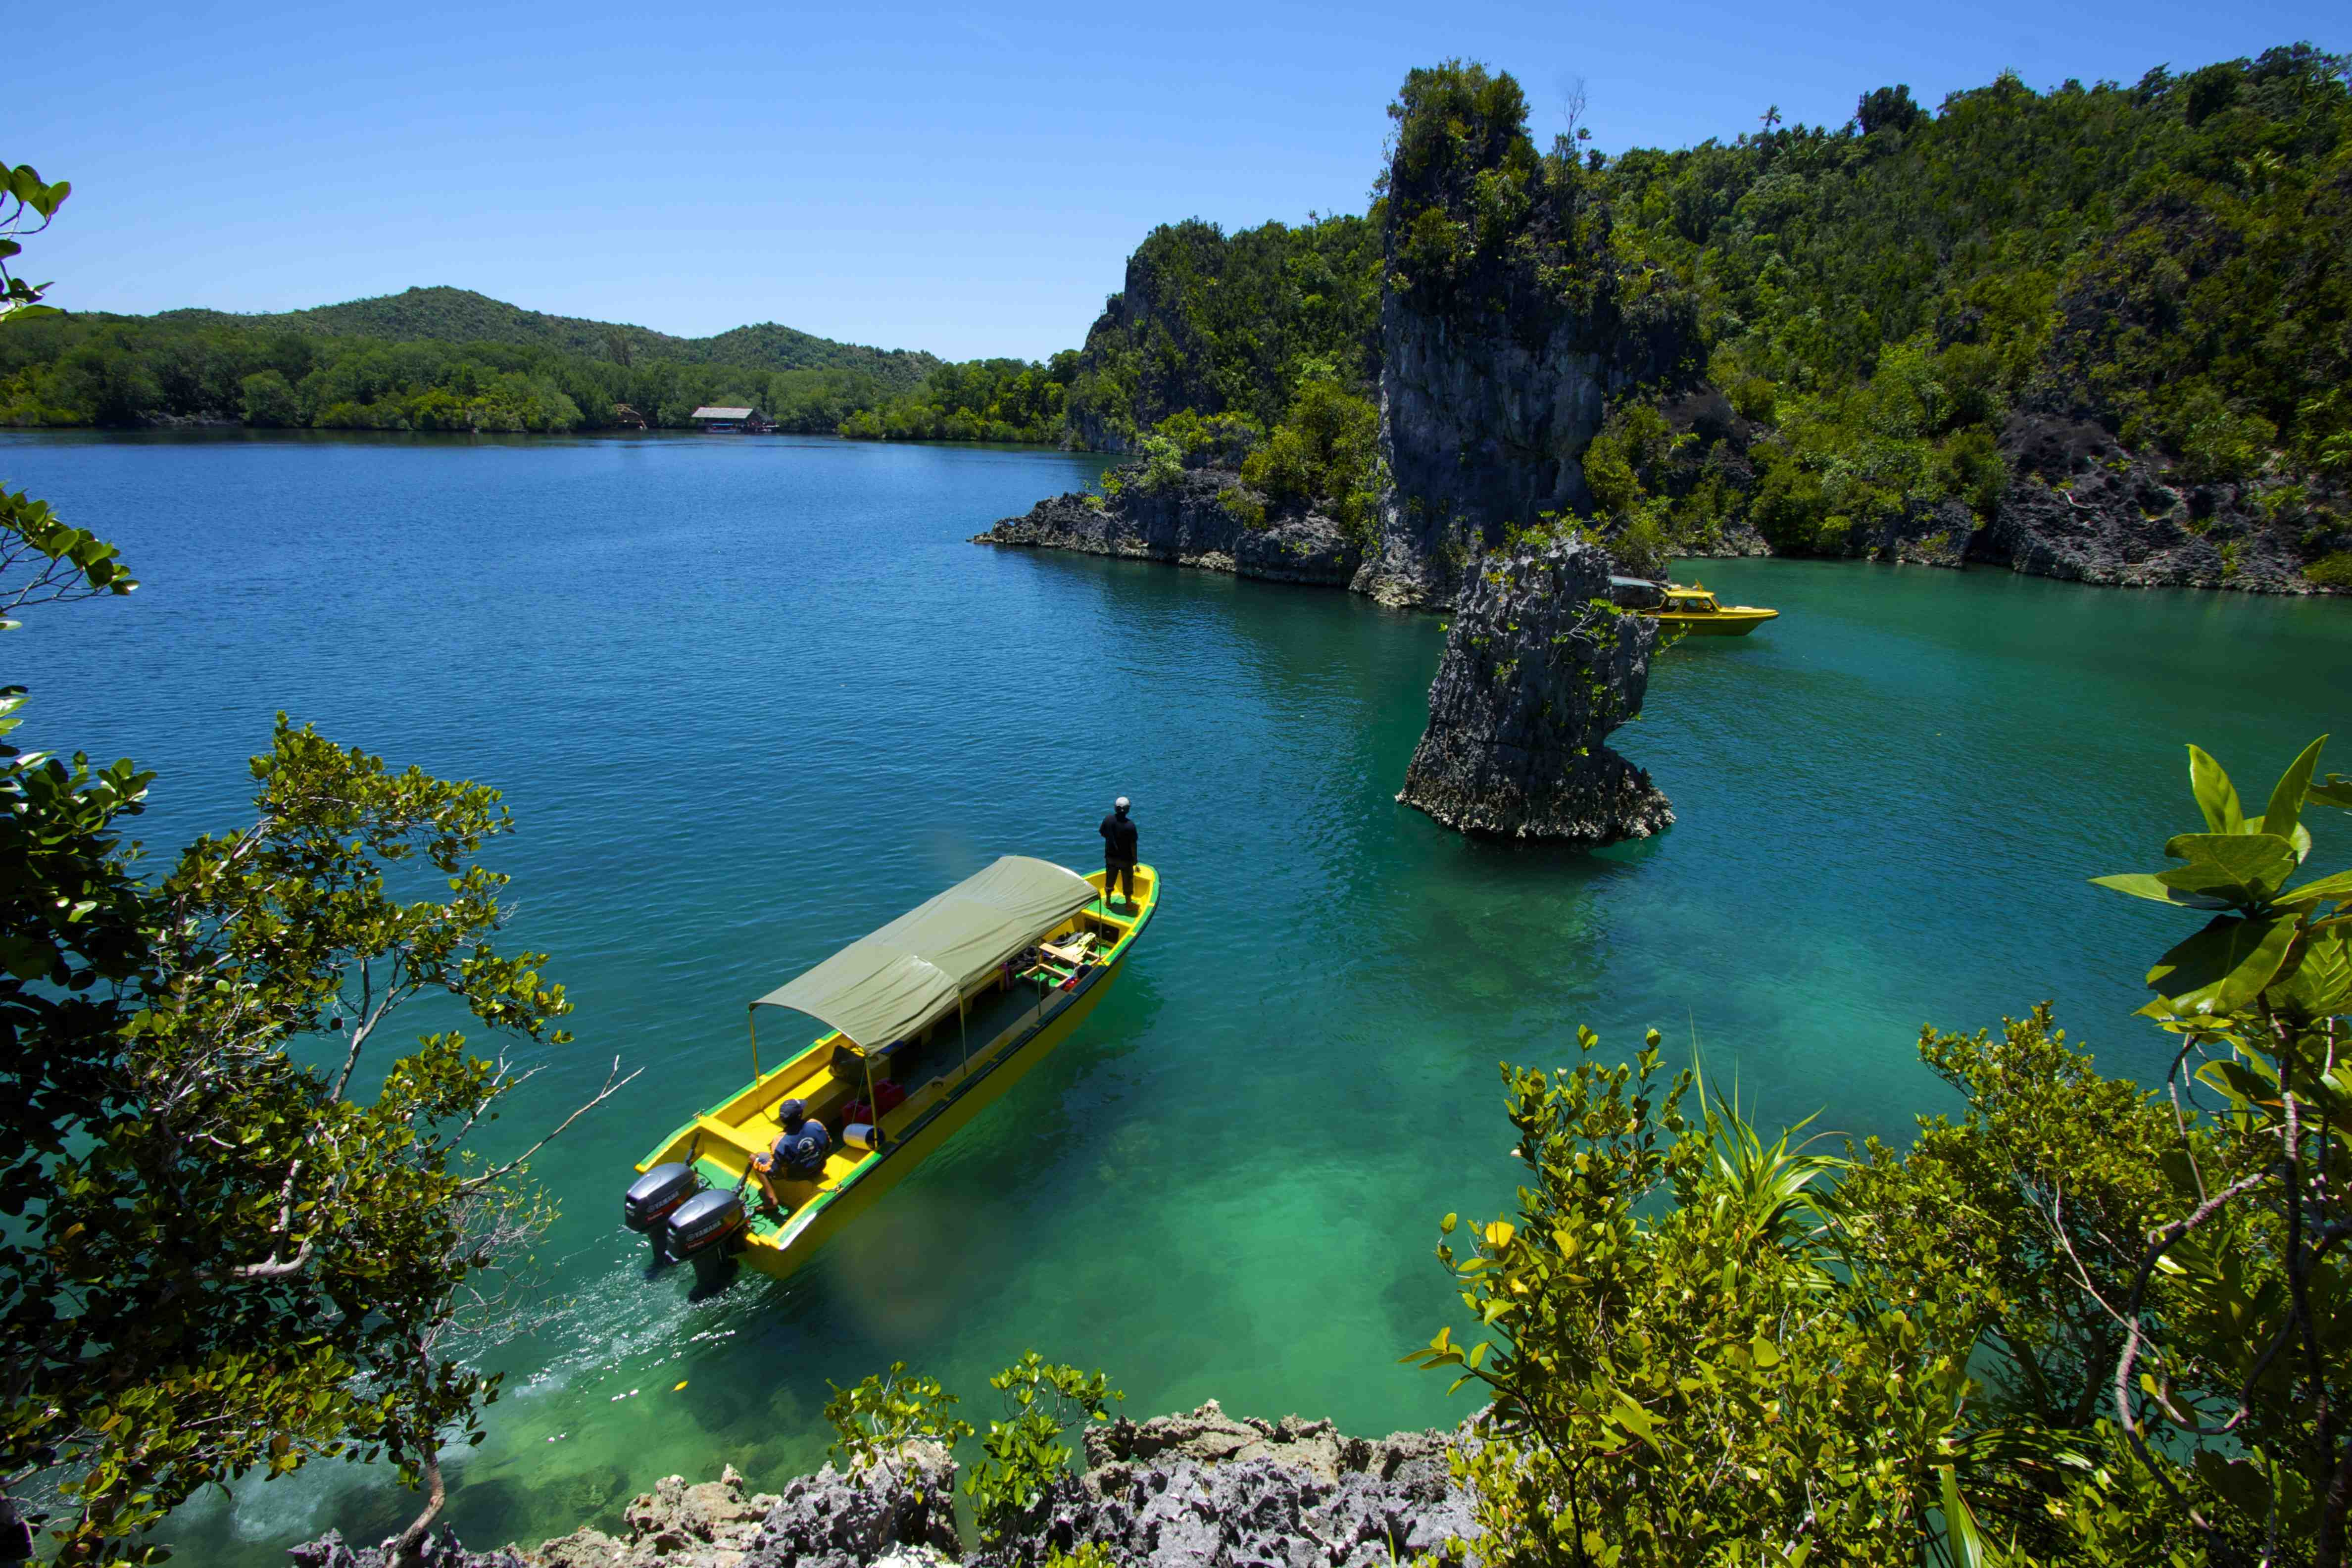 Raja Ampat Indonesia  City pictures : Raja Ampat Papua | Indonesia Tourism